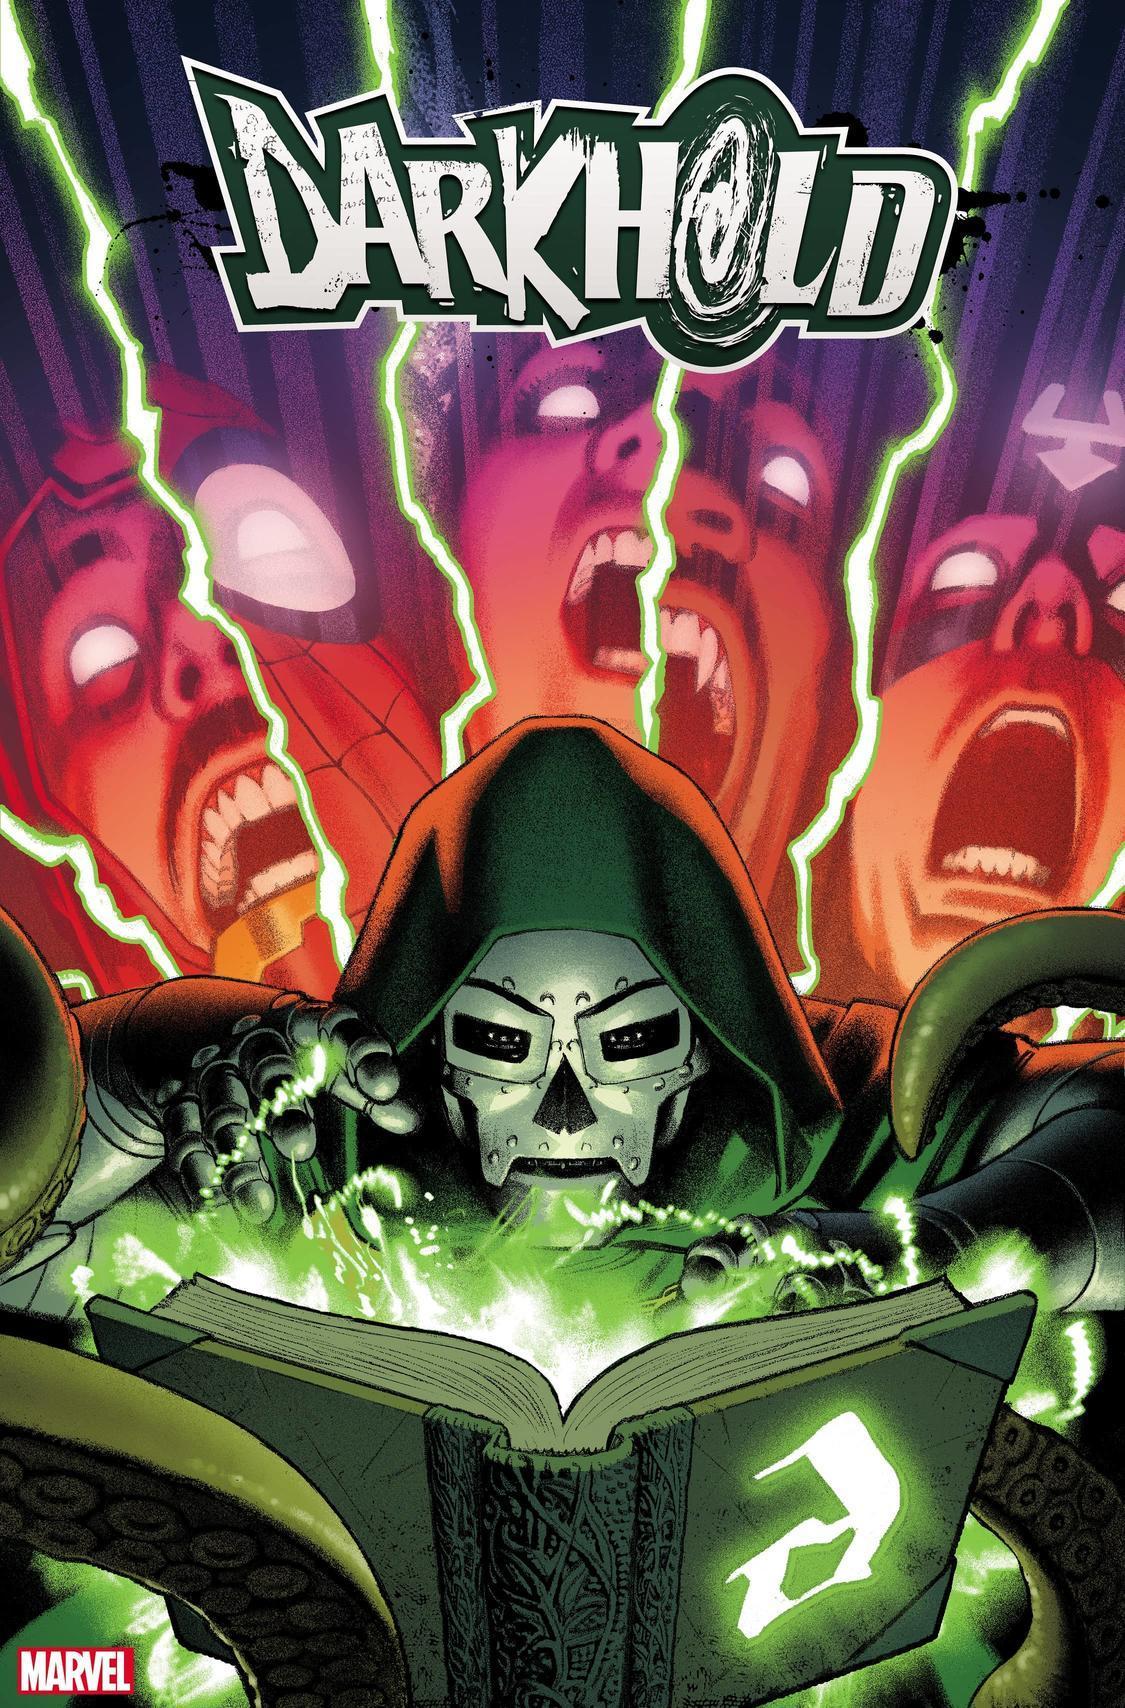 Portada de Darkhold Alpha # 1